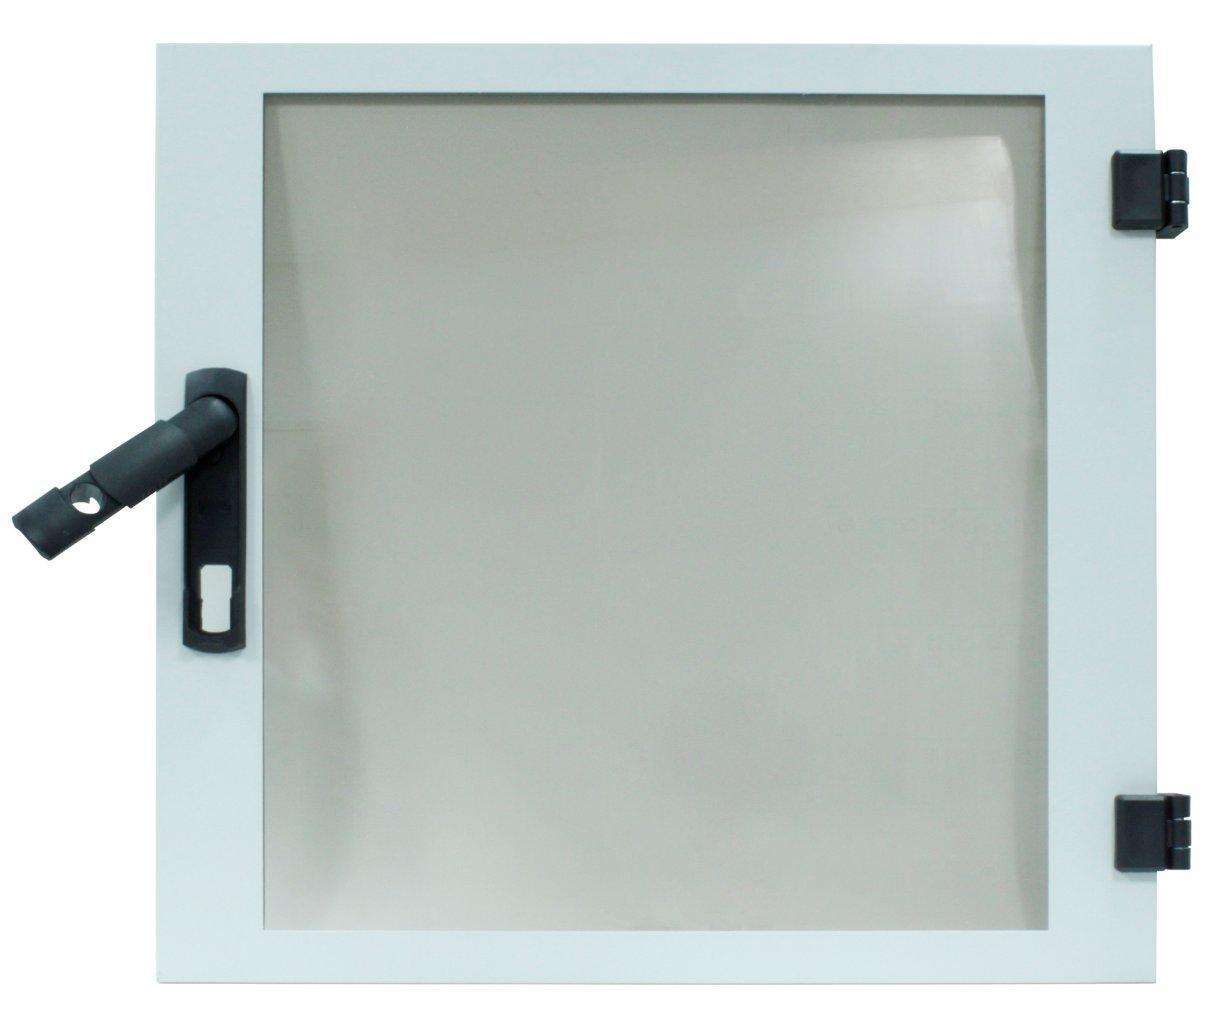 1 Stk Glas-Tür für DW-Schrank 21HE, B600, RAL7035, HZ-Vorbereitung DWRT2167--